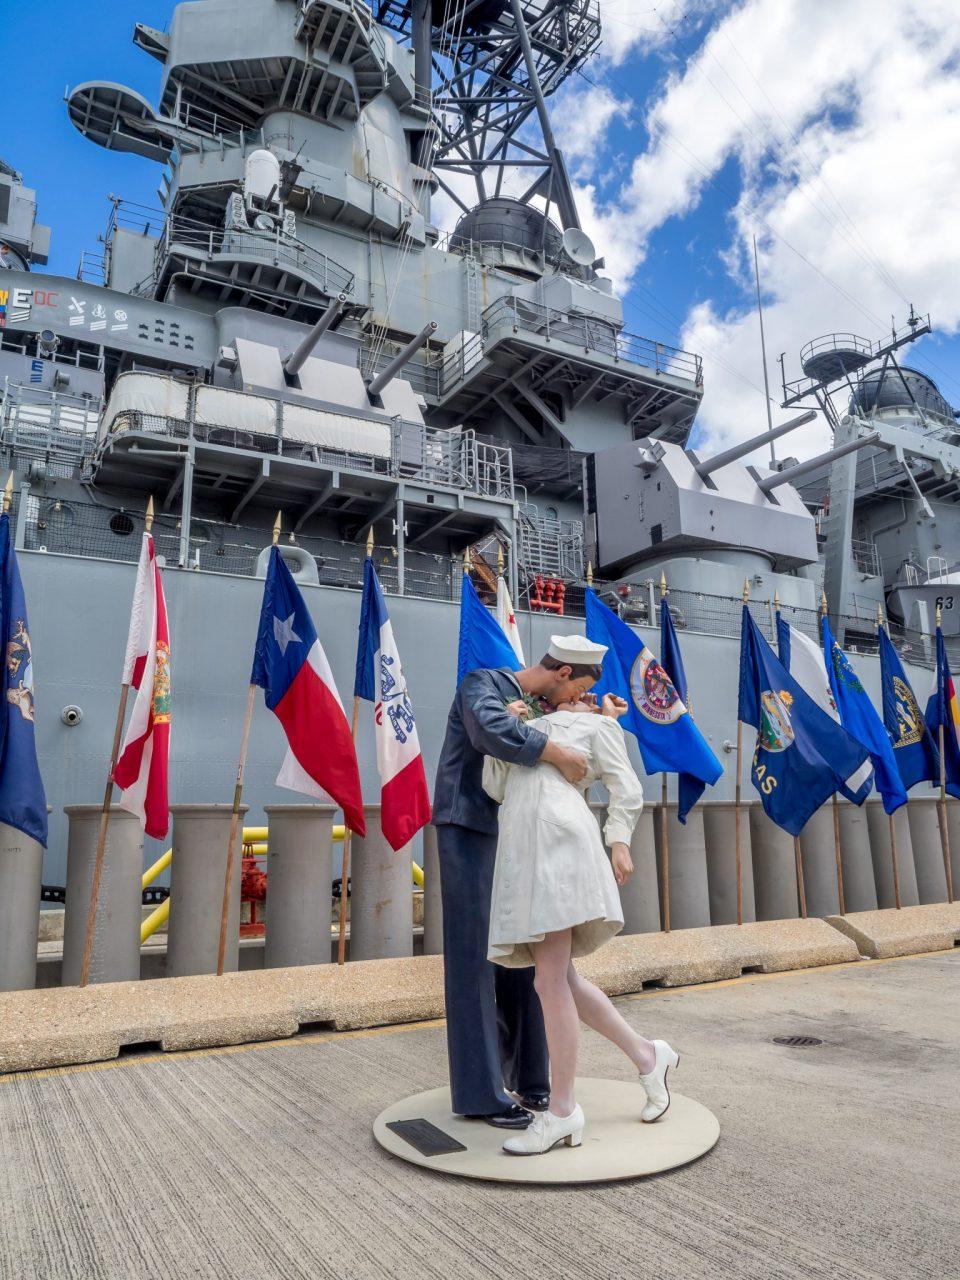 The USS Missouri battleship